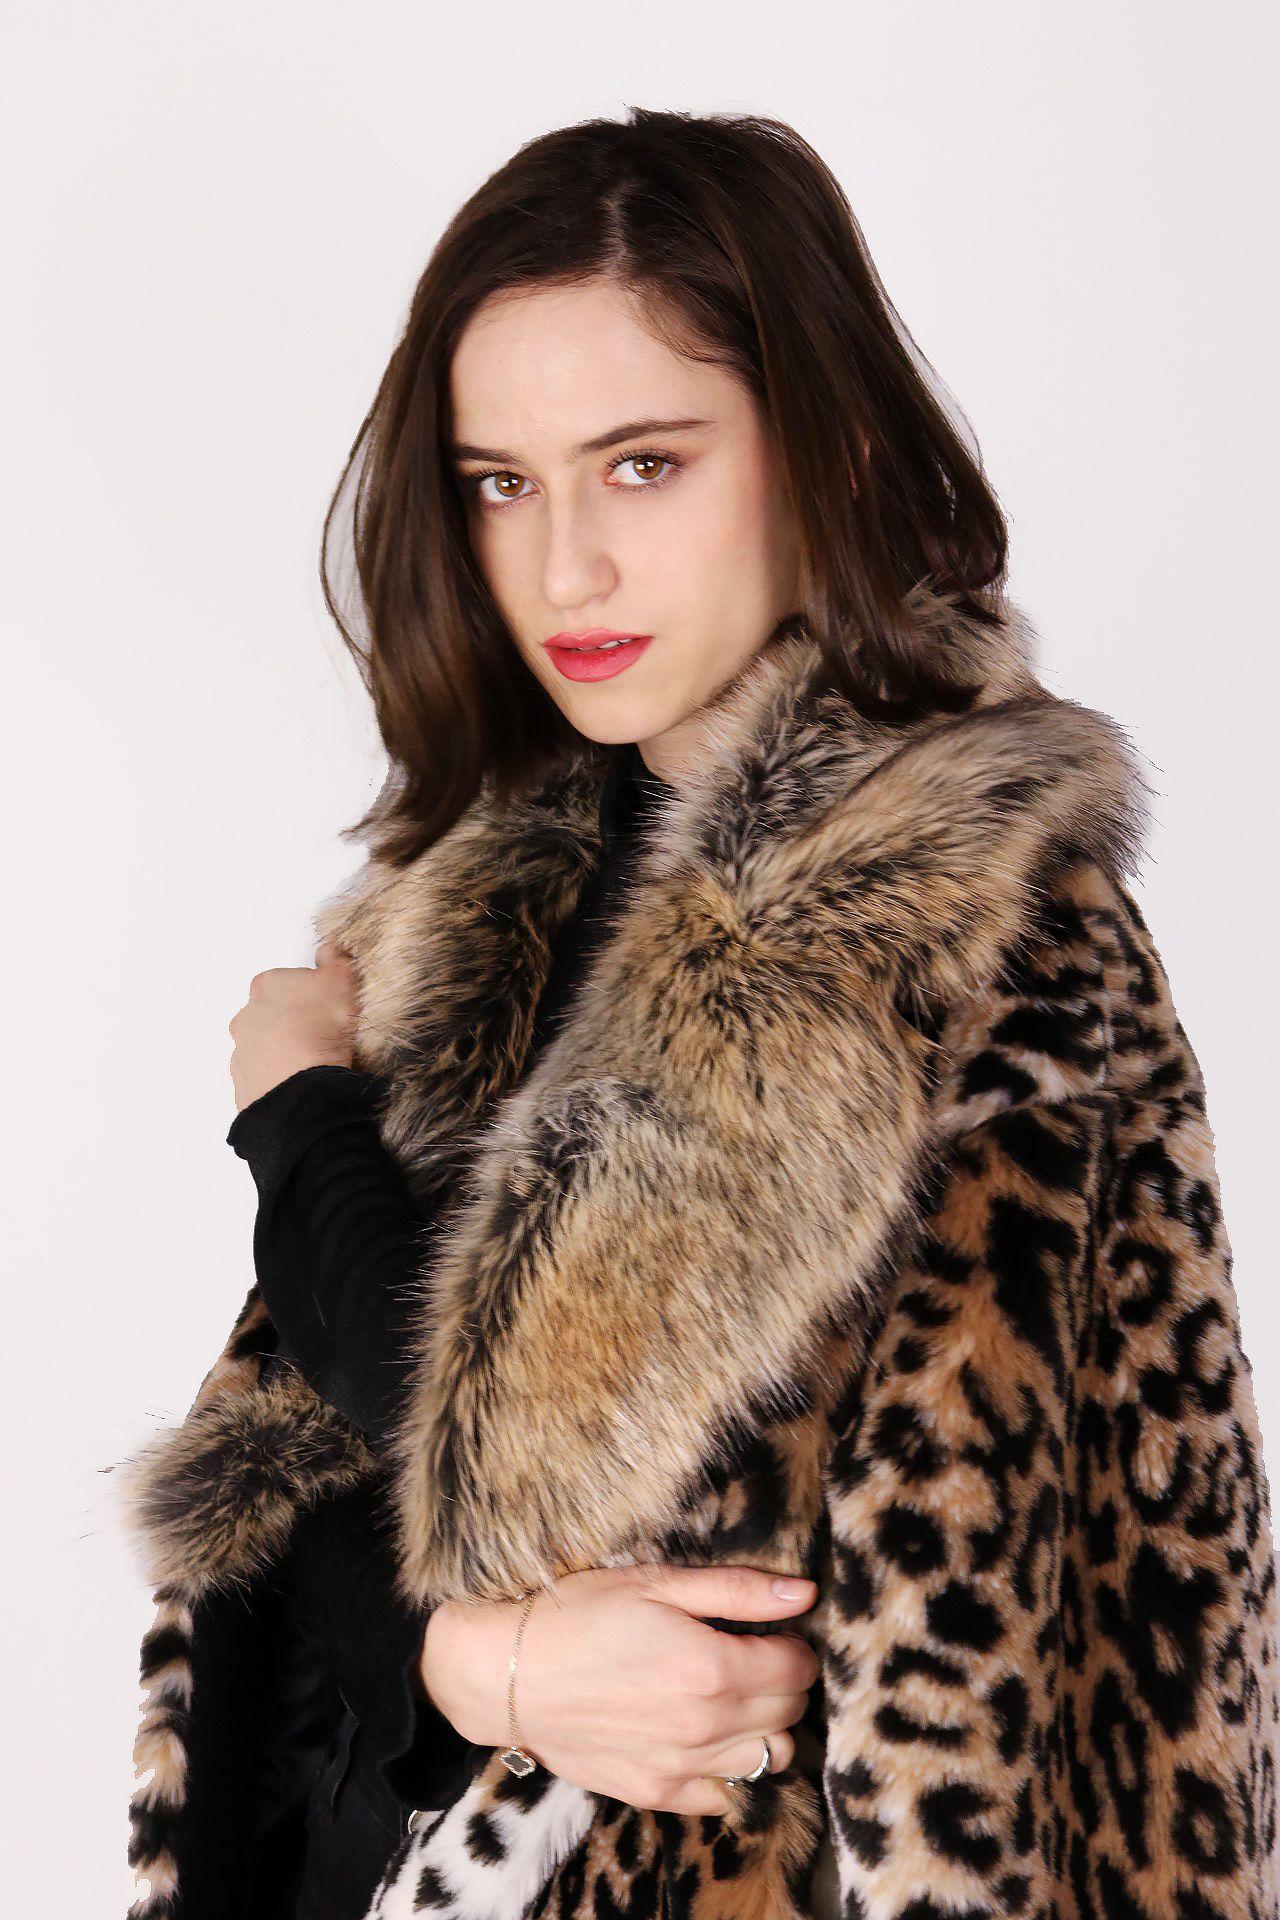 sale retailer 446da 61181 Cappotto in eco-pelliccia maculato beige-nero